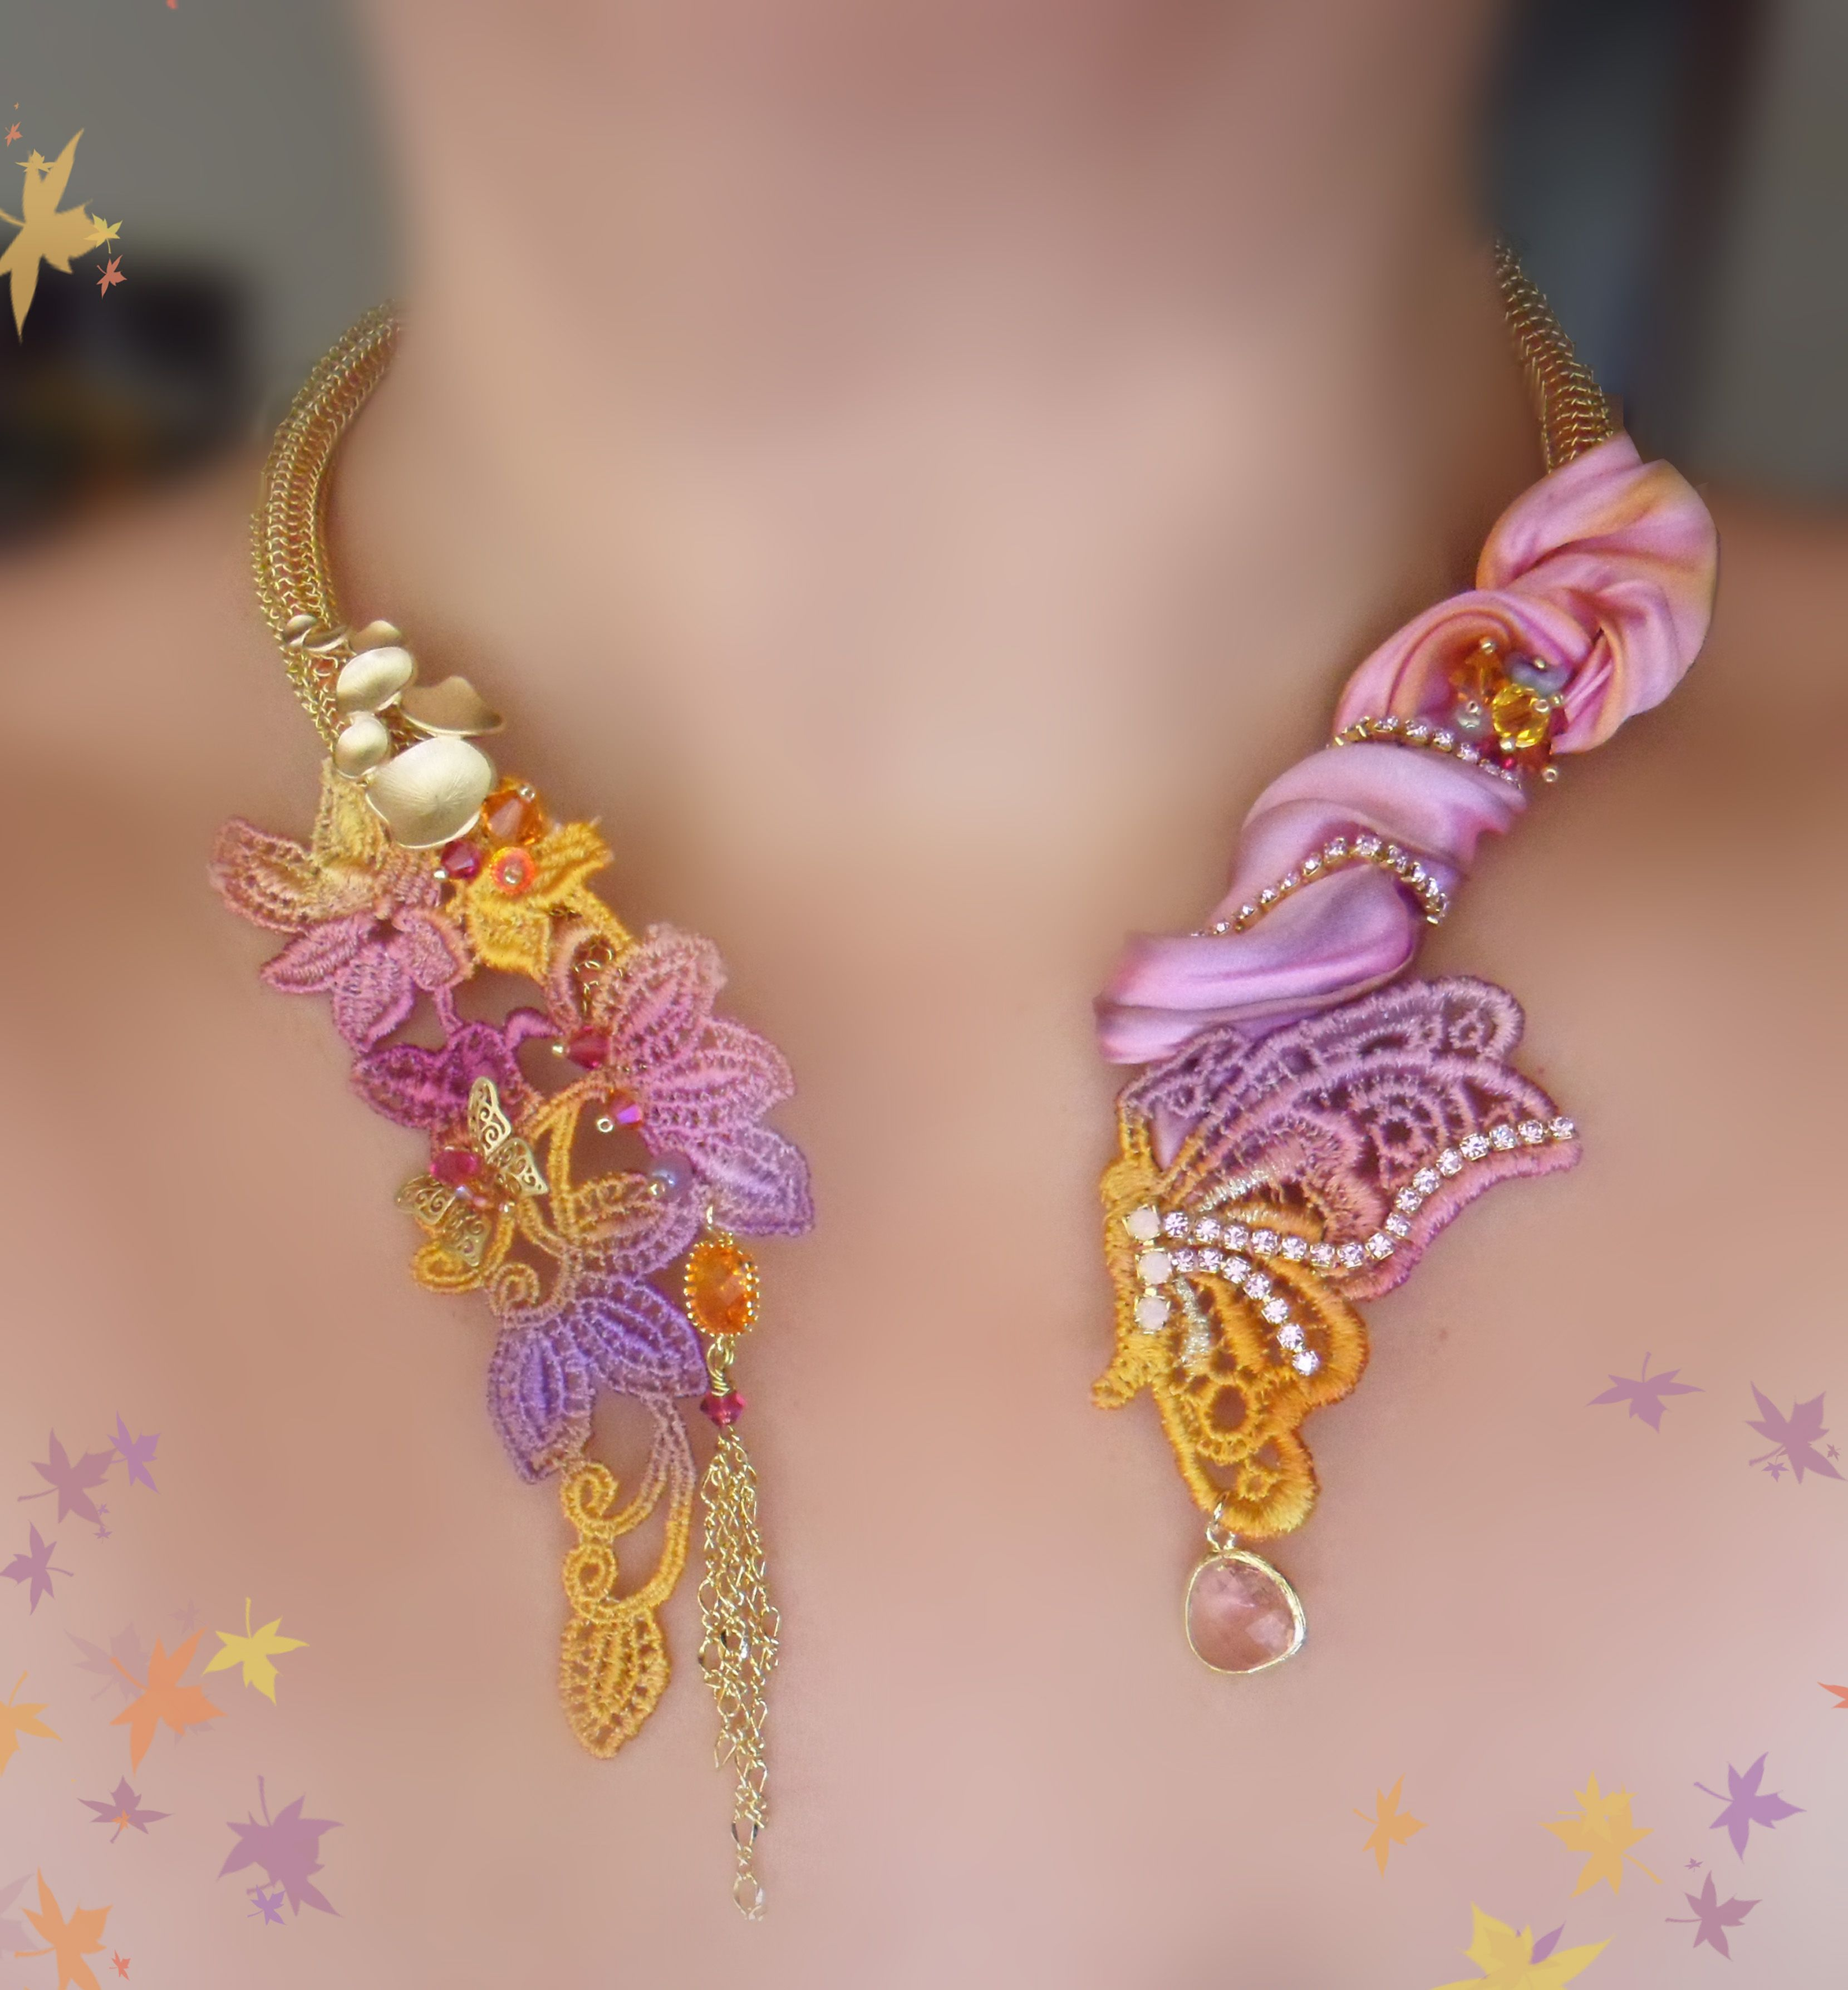 Necklace whit Shibori silk ribbon Serena Di Mercione Design